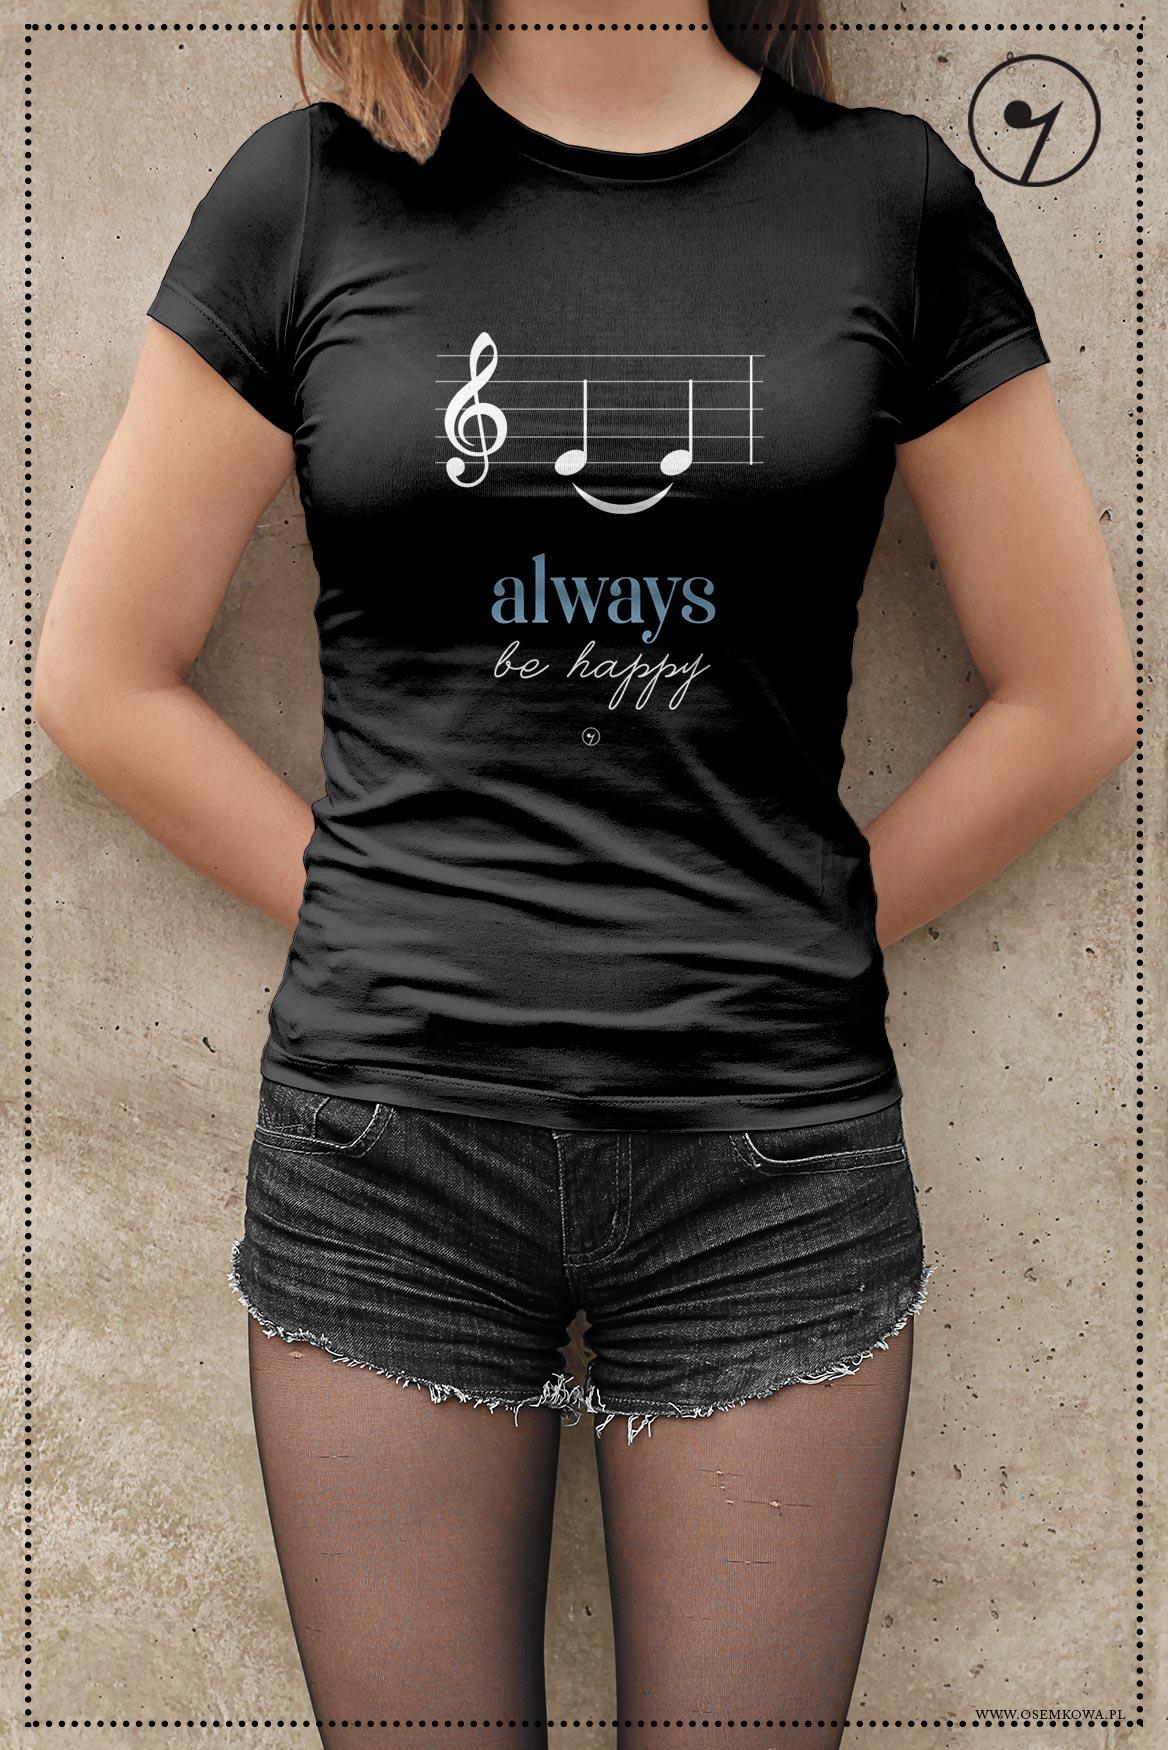 5f6786db5 Muzyczne - Nuty - Be happy - Koszulka Osemkowa.pl